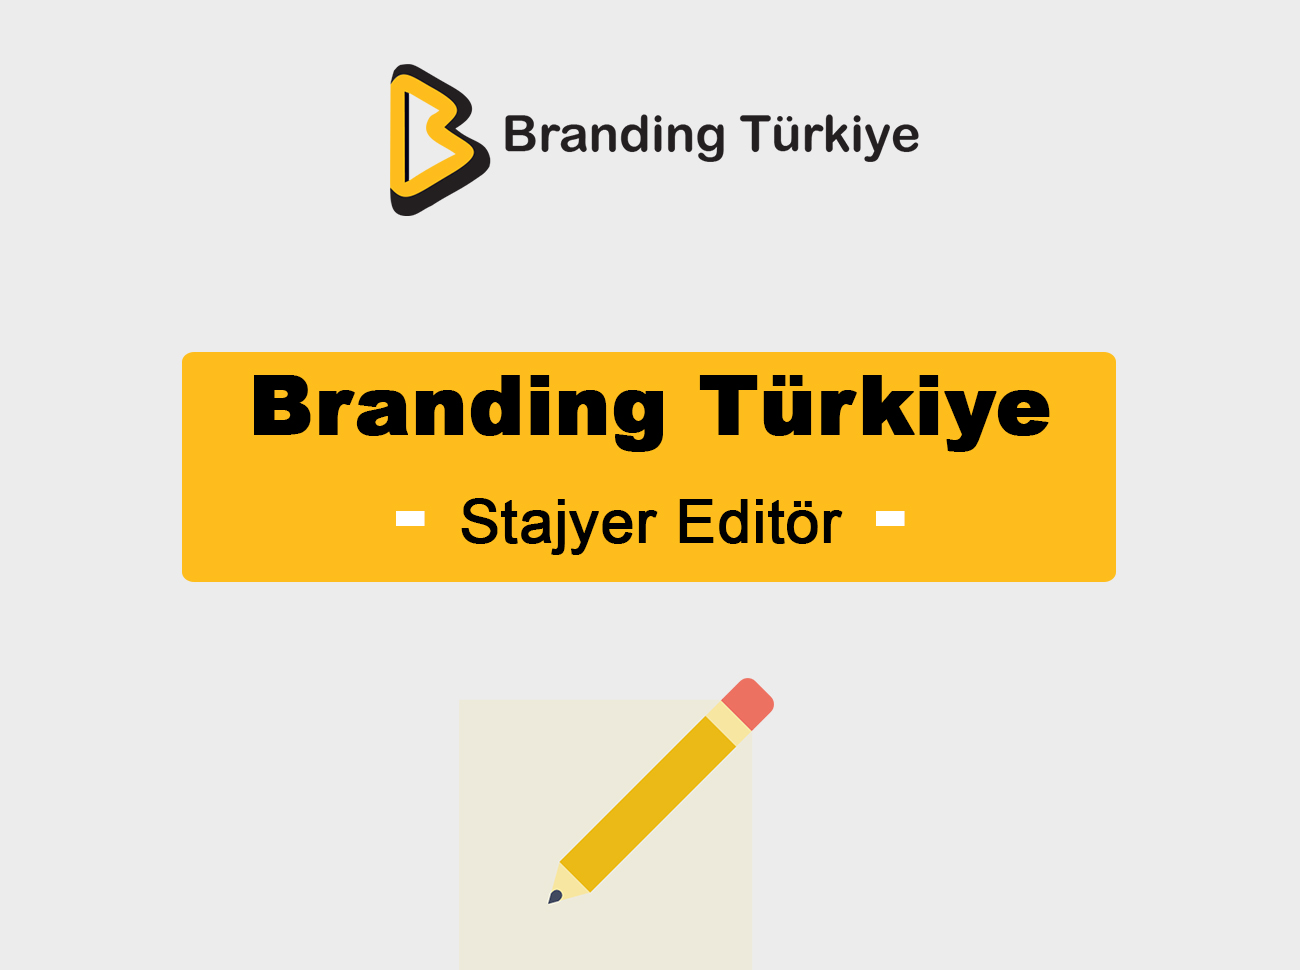 Branding Türkiye Stajyer Editör Arıyor